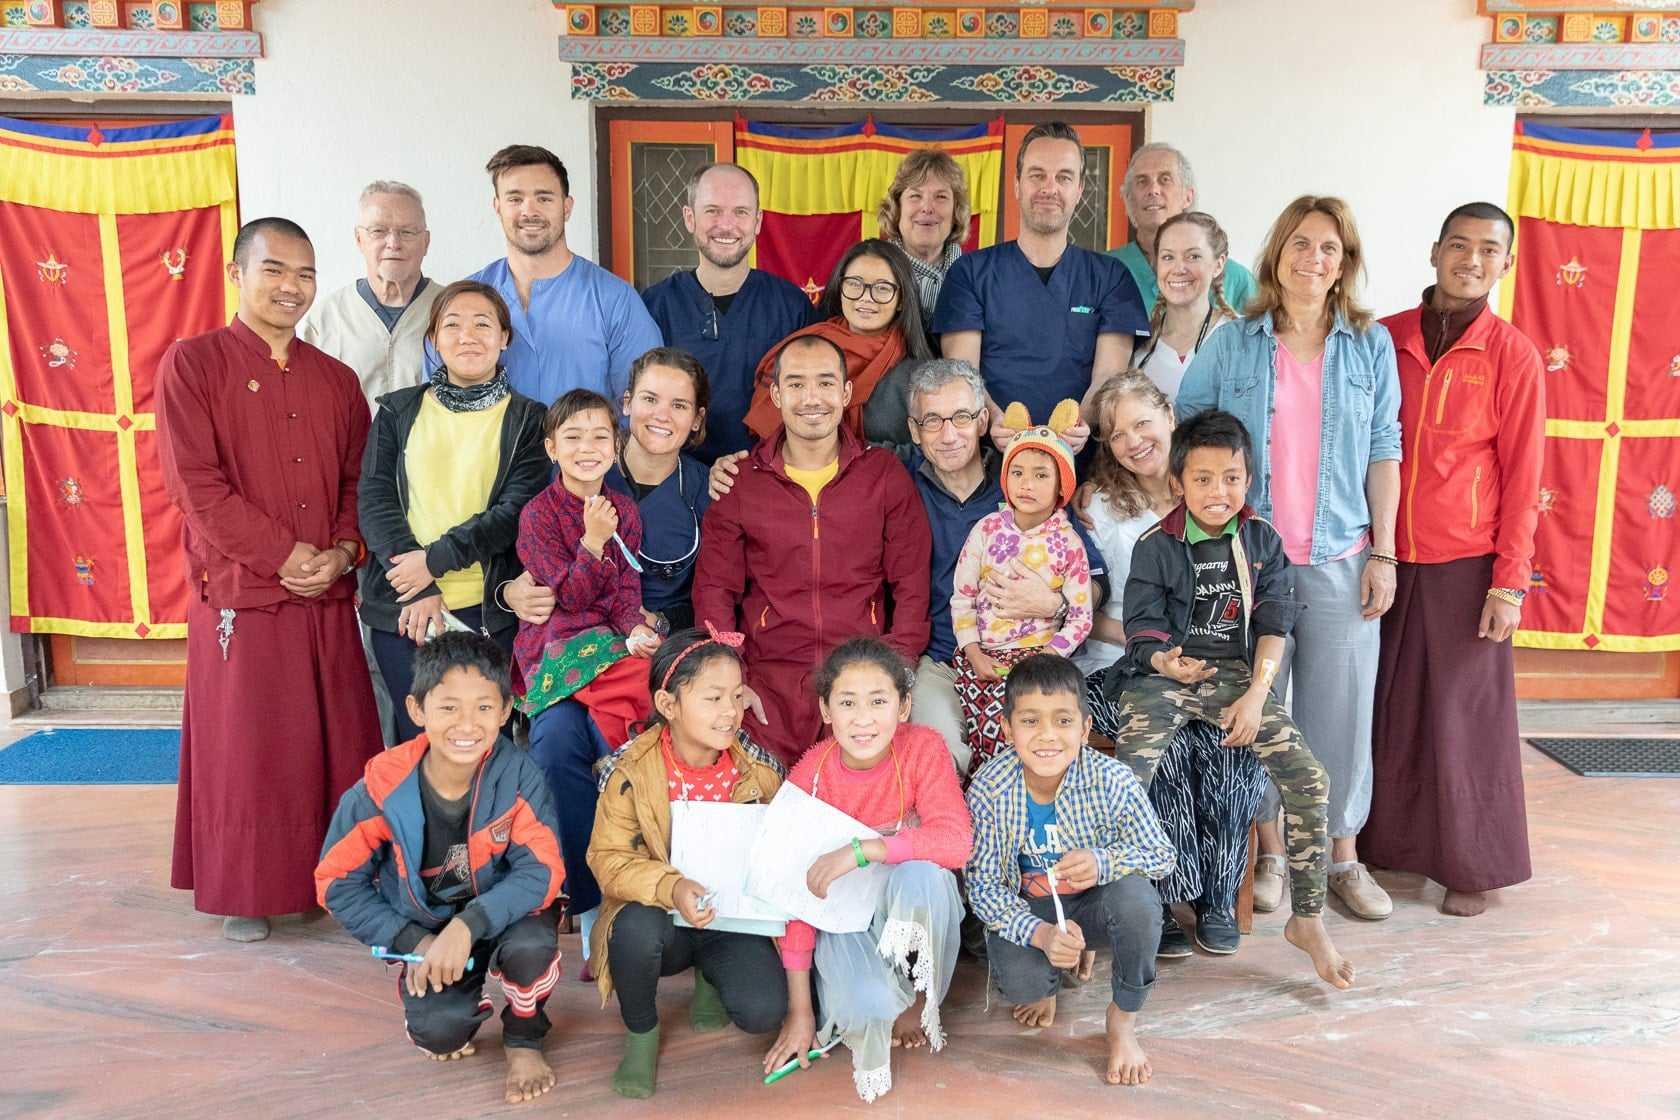 Gruppenfoto mit dentist1 Zahnärzten und Kindern im Rahmen eines gemeinnützigen Projekts